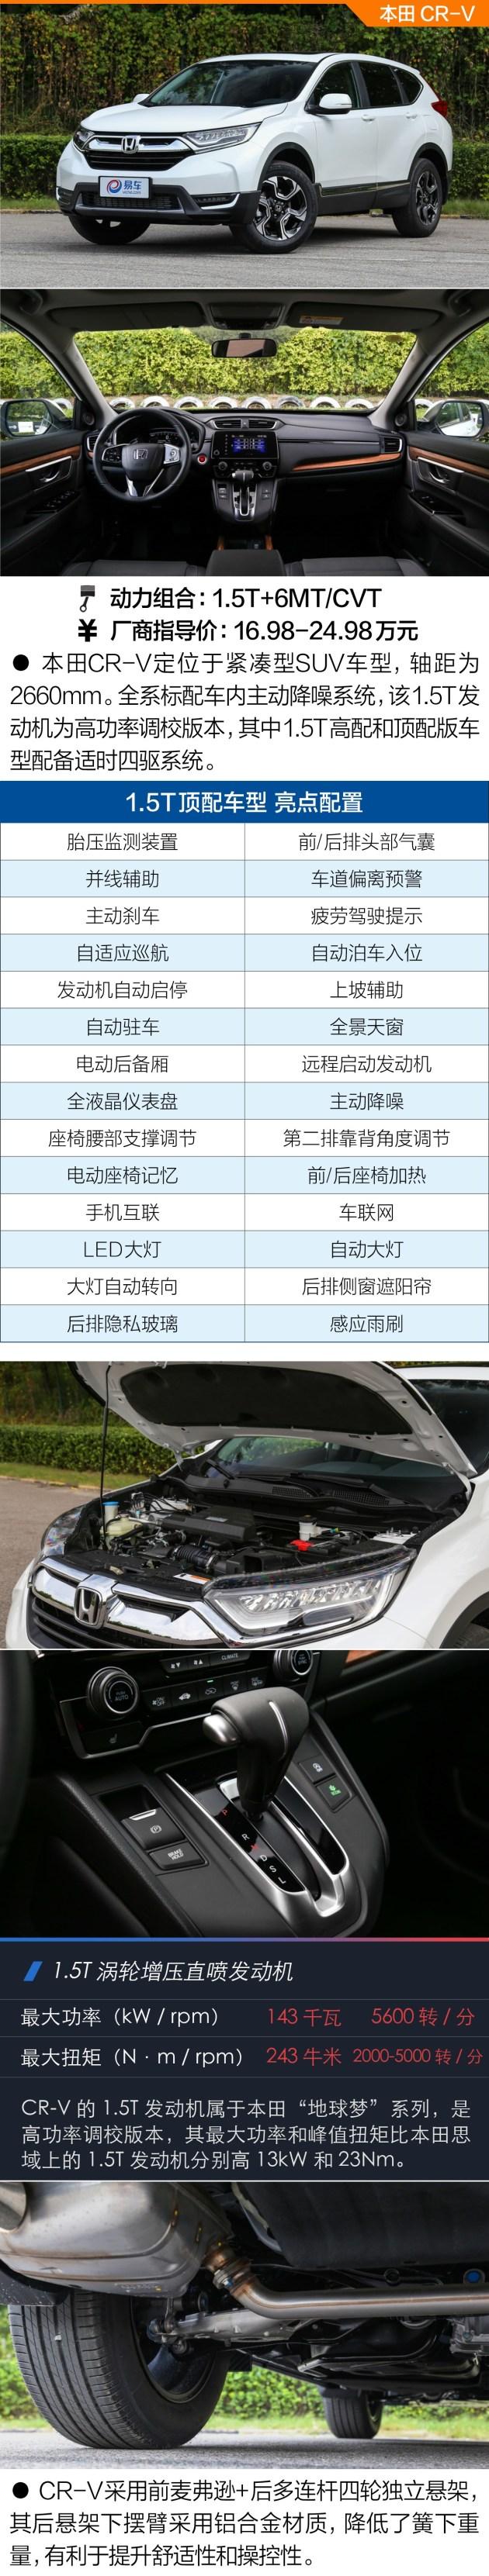 明年买得多掏钱!20万元1.6L及以下排量合资SUV推荐